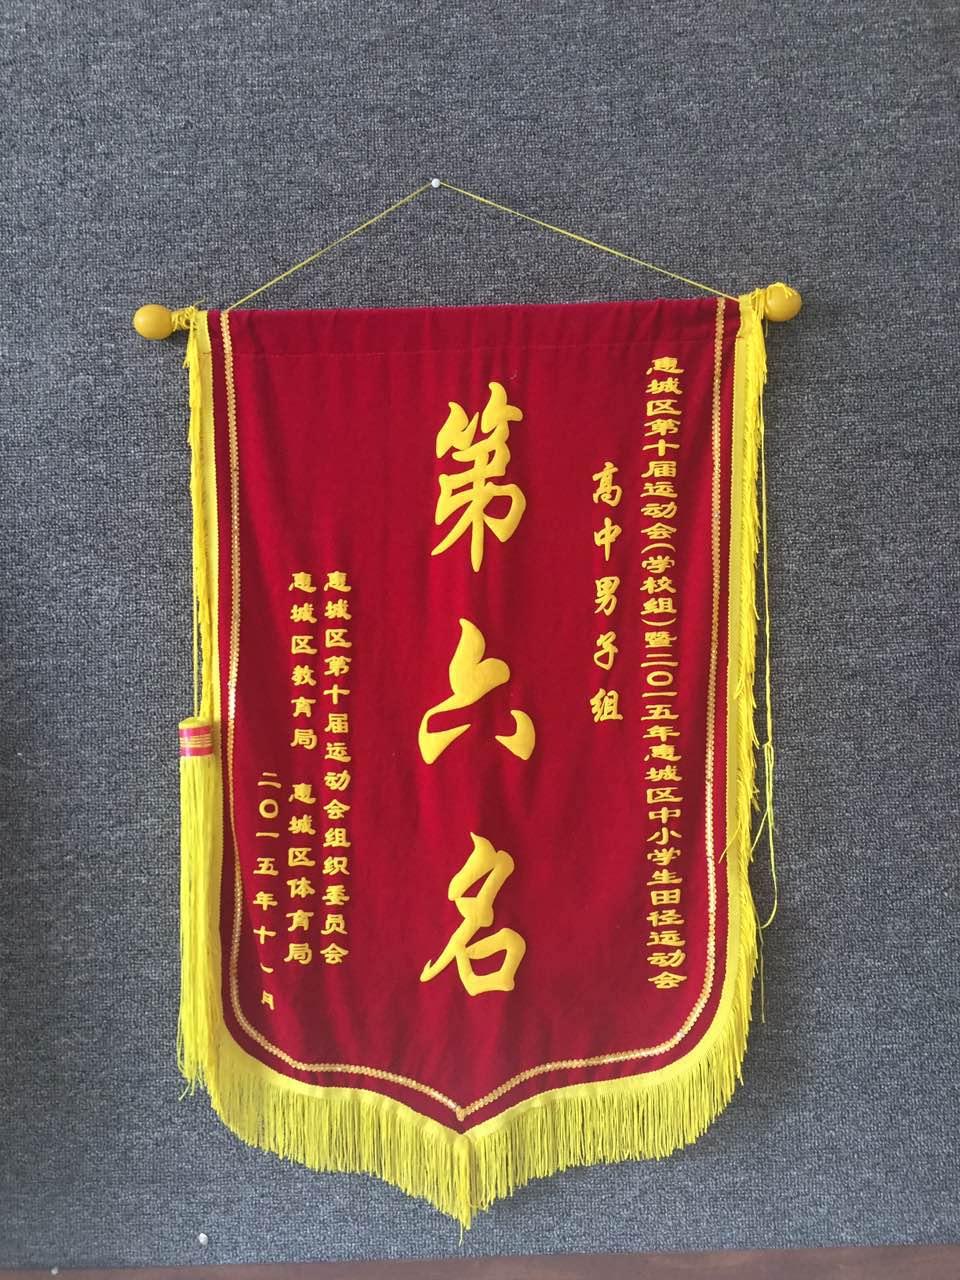 15年田径运动会锦旗